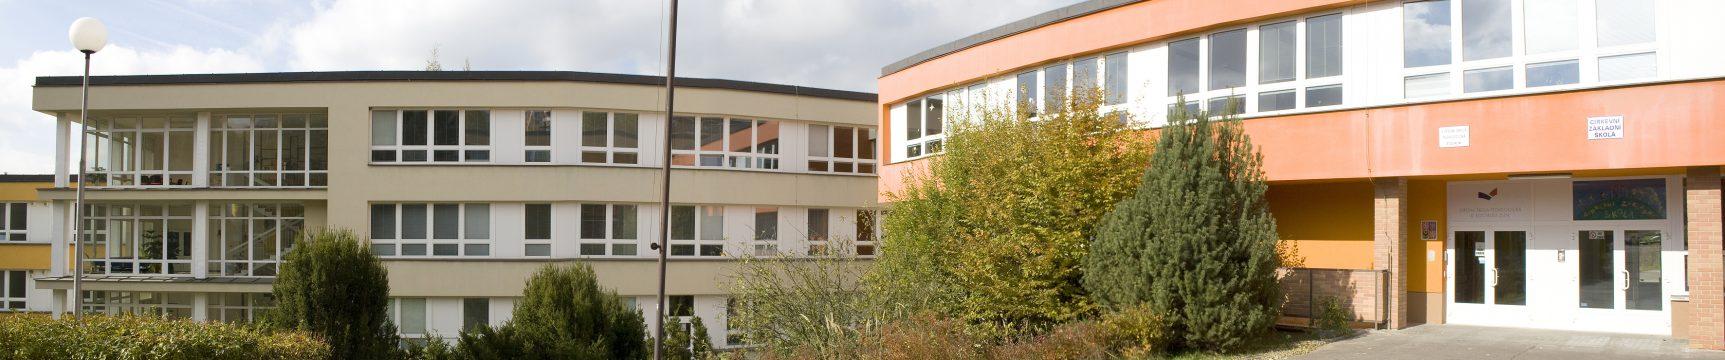 Střední škola pedagogická a sociální Zlín, s. r. o.